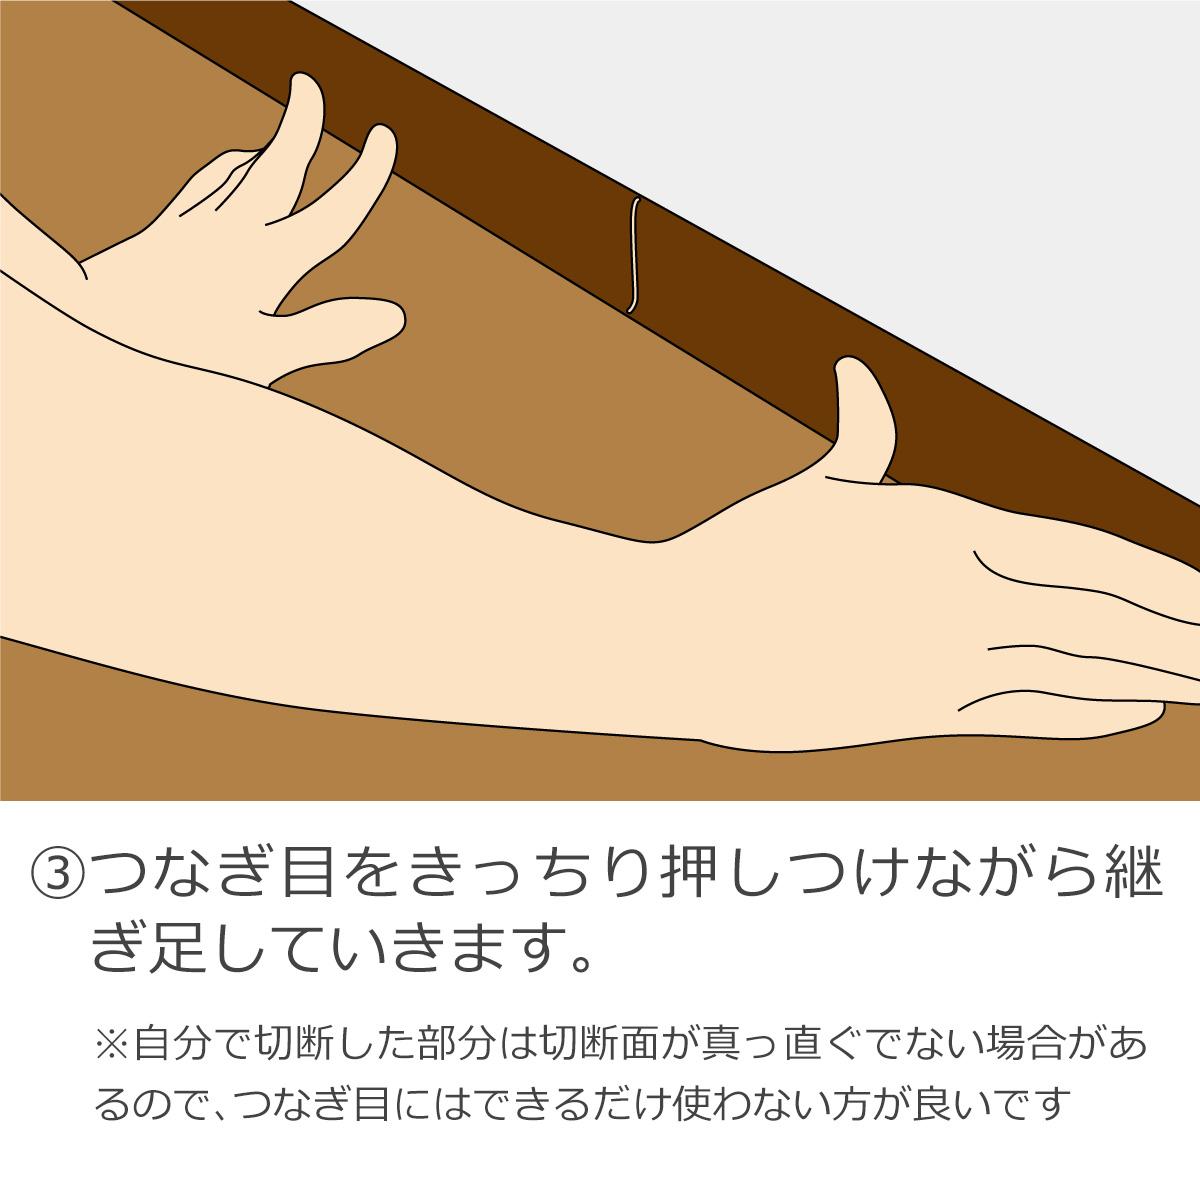 3・つなぎ目をきっちり押しつけながら継ぎ足していきます。 ※自分で切断した部分は切断面が真っ直ぐでない場合があるので、つなぎ目にはできるだけ使わない方が良いです